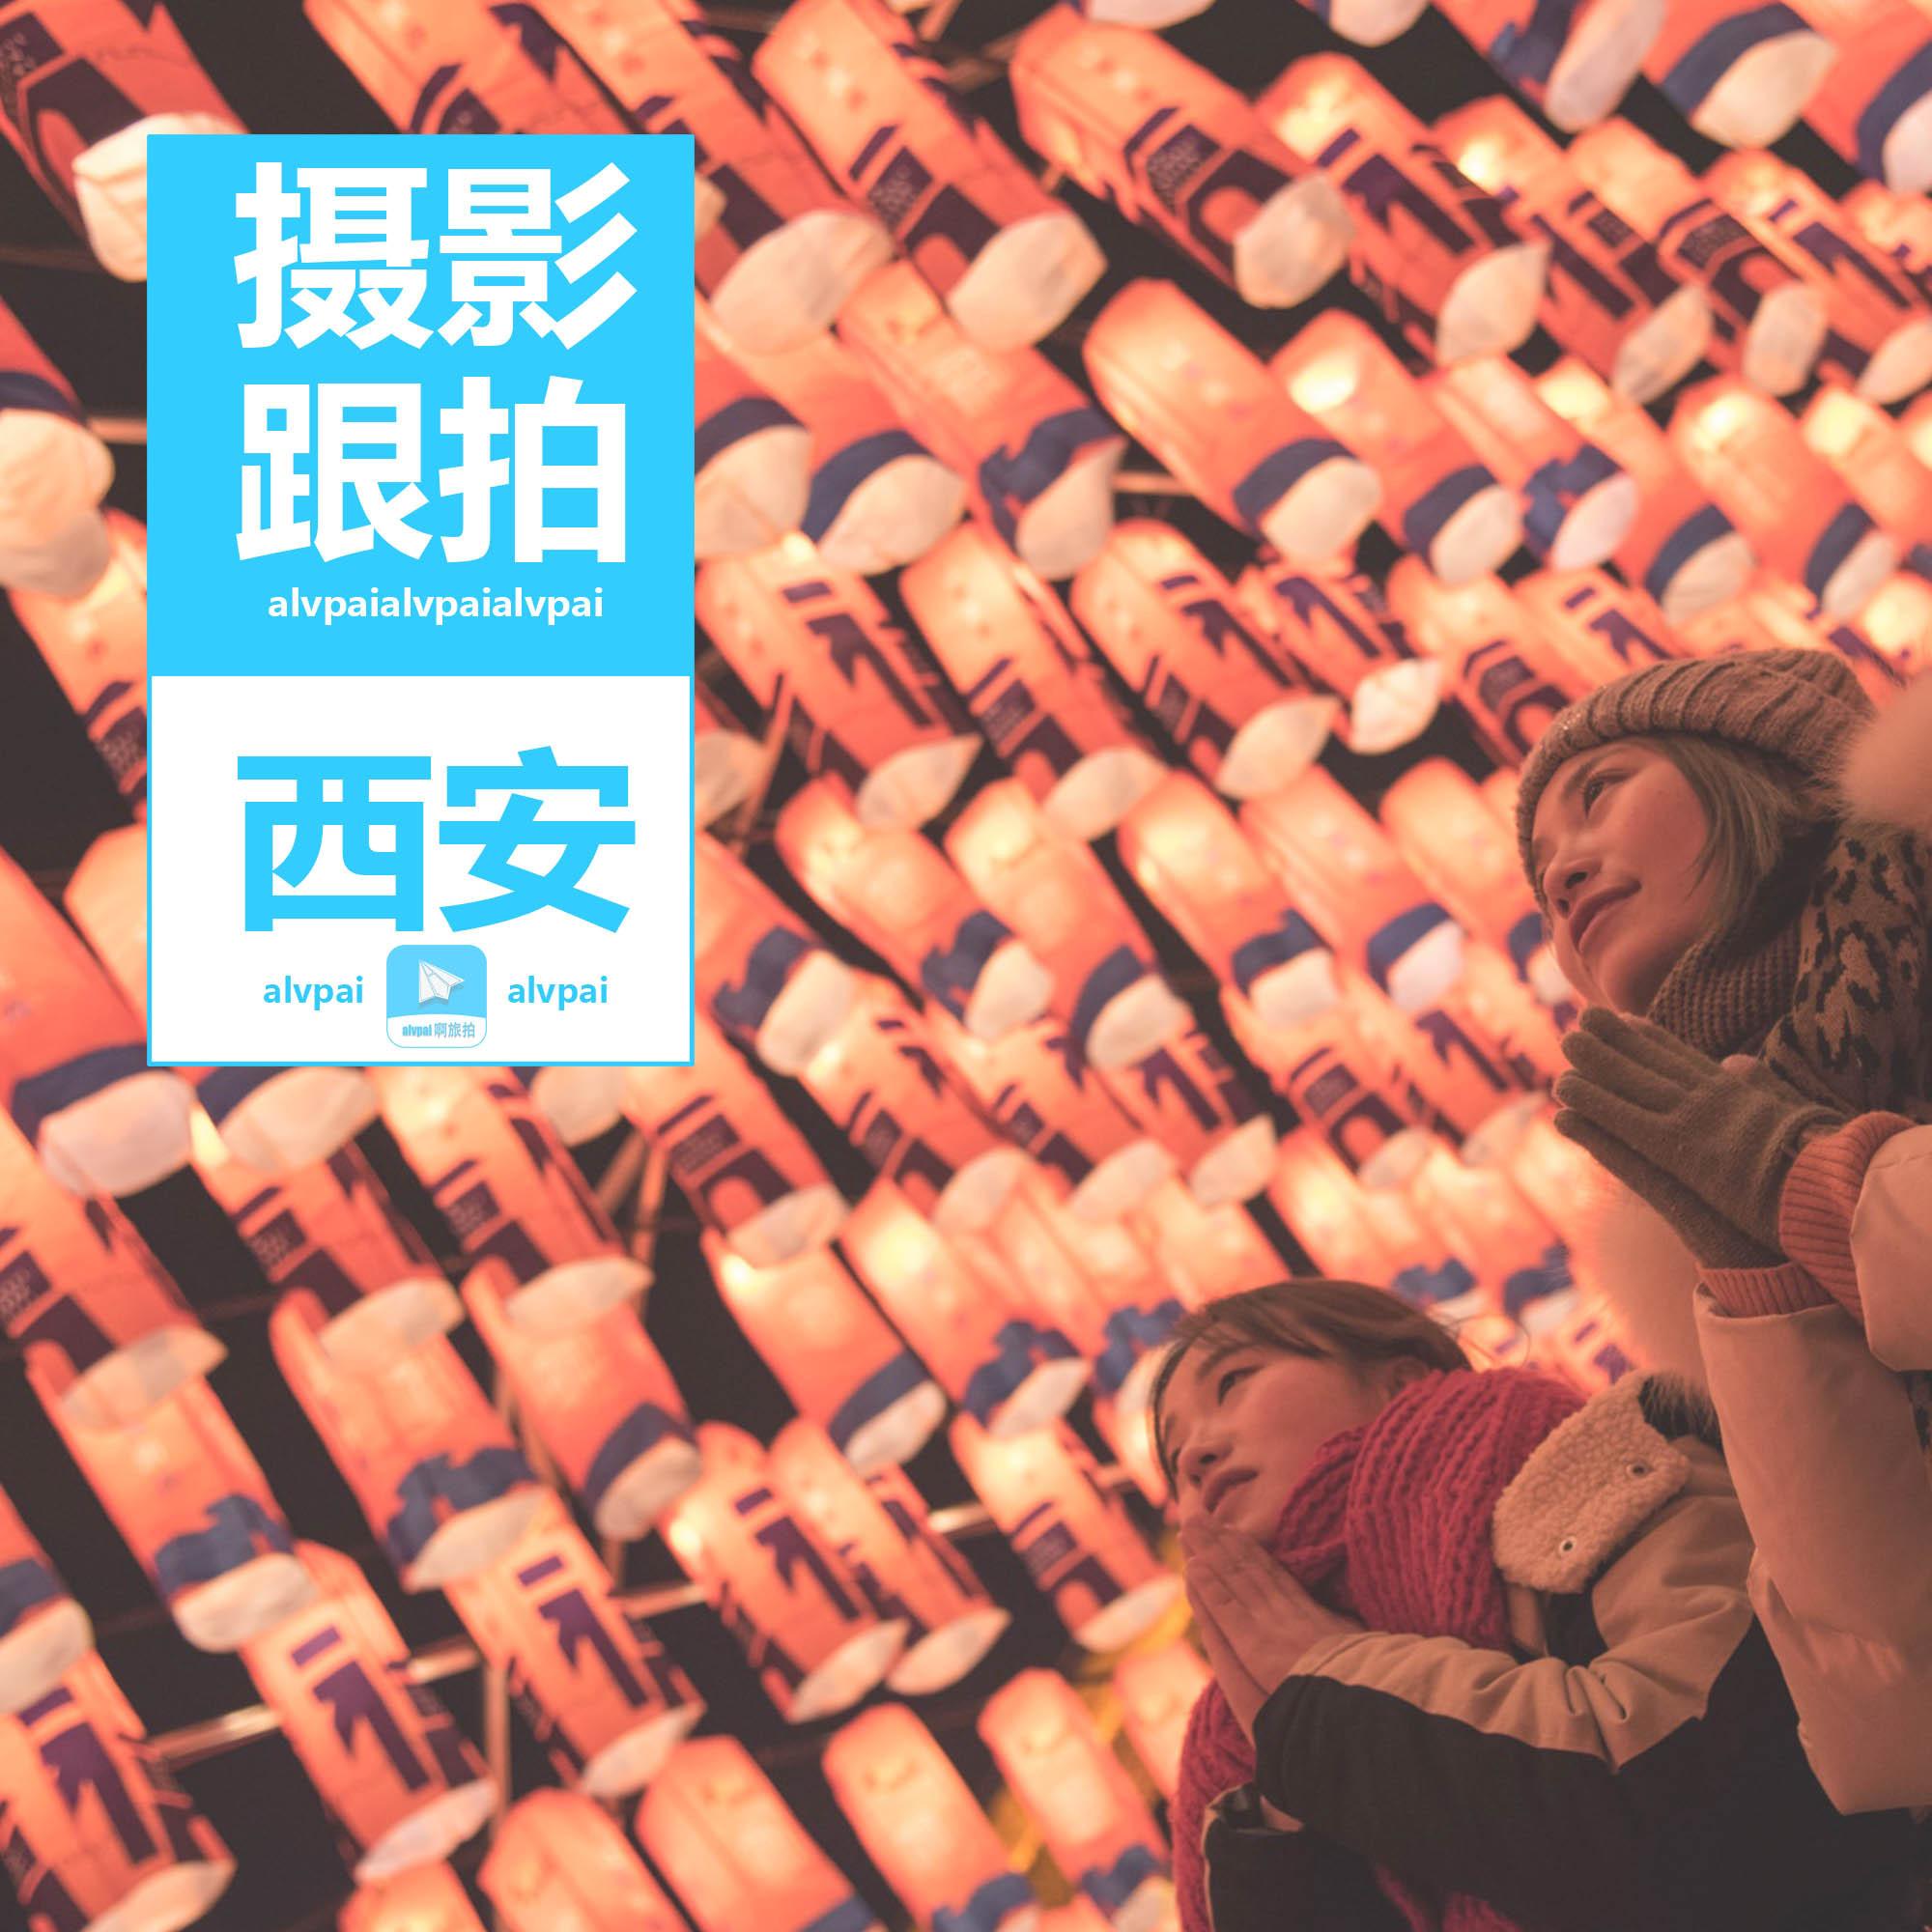 武汉长沙西安重庆成都郑州跟拍亲子照儿童写真情侣摄影闺蜜全家福